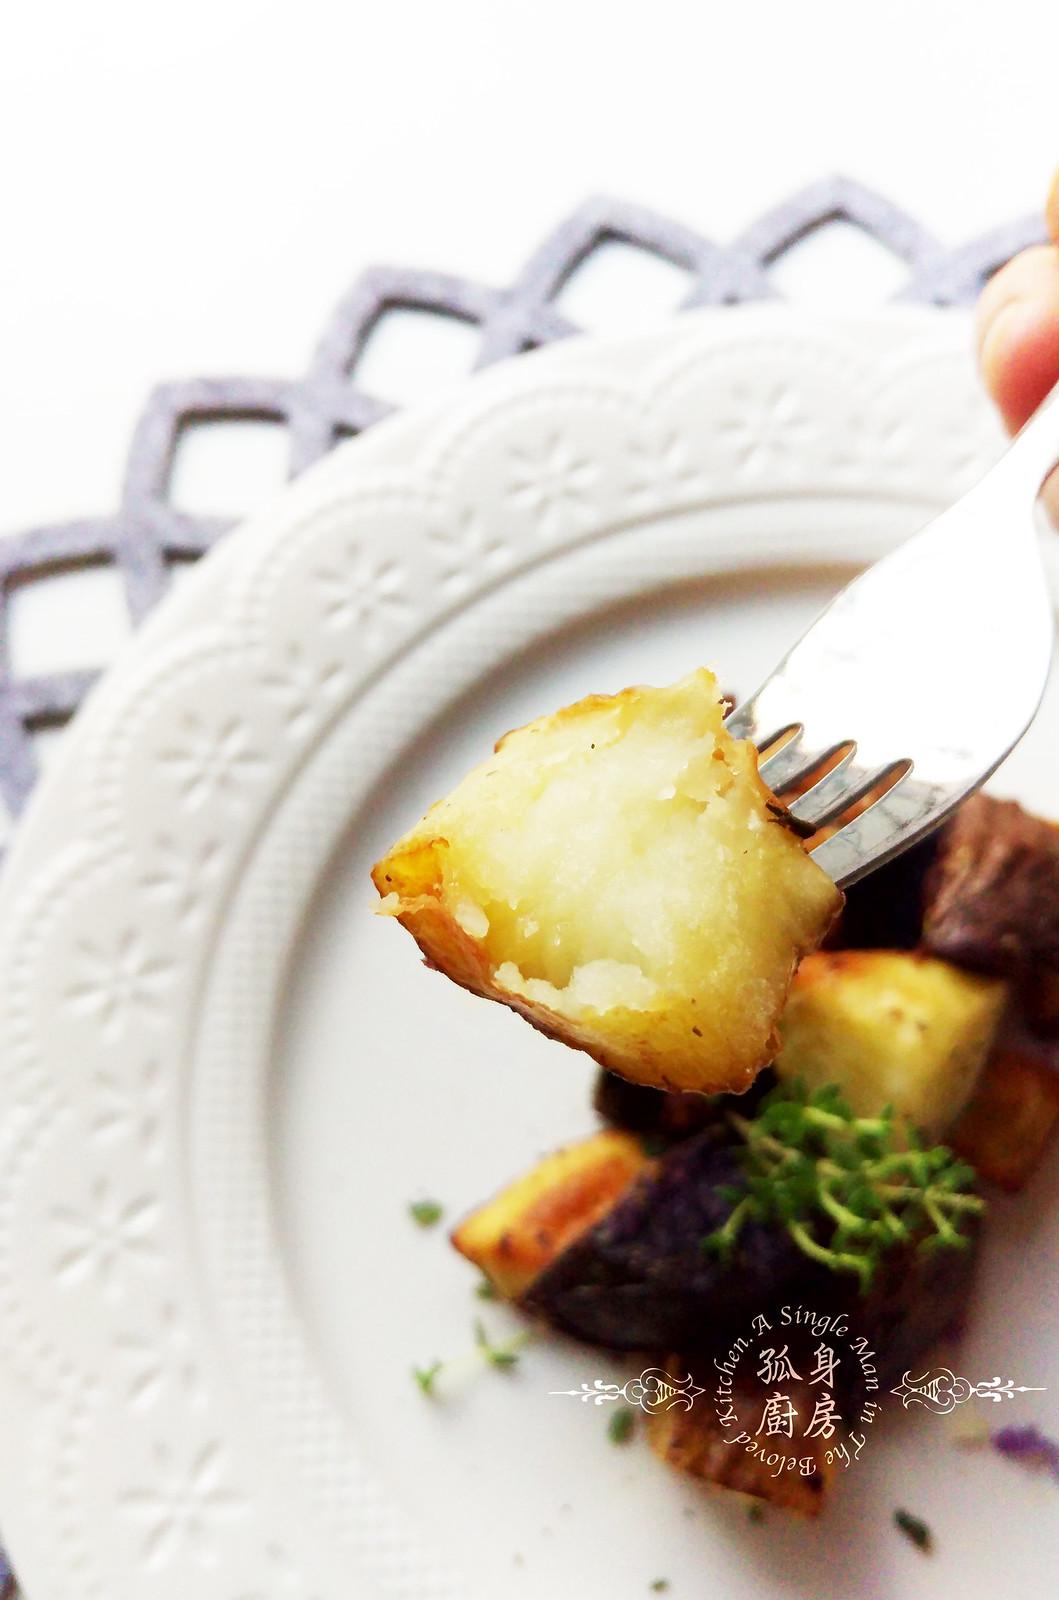 孤身廚房-香草烤雙色馬鈴薯──好吃又簡單的烤箱料理20